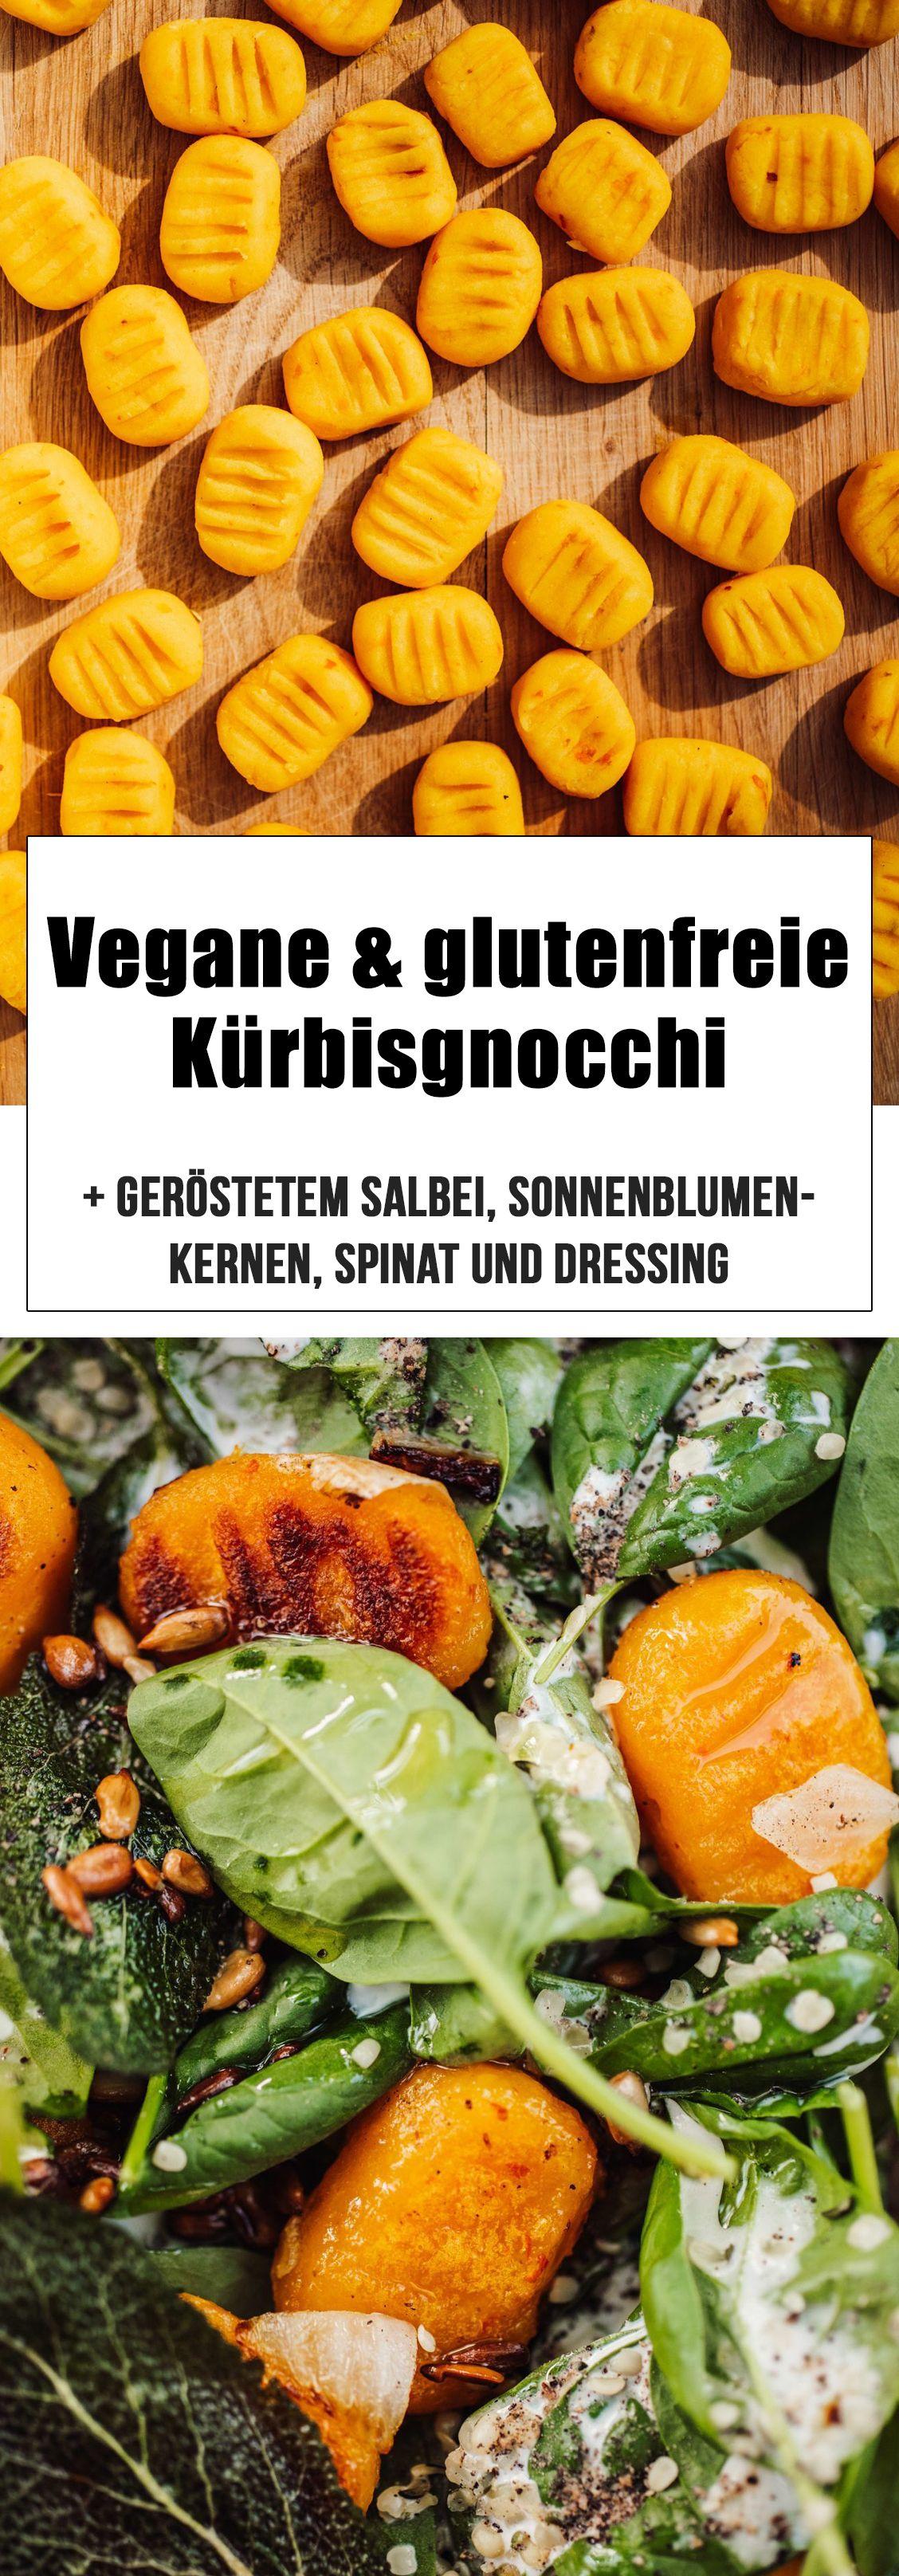 Kürbisgnocchi einfach selbermachen #herbstgerichte